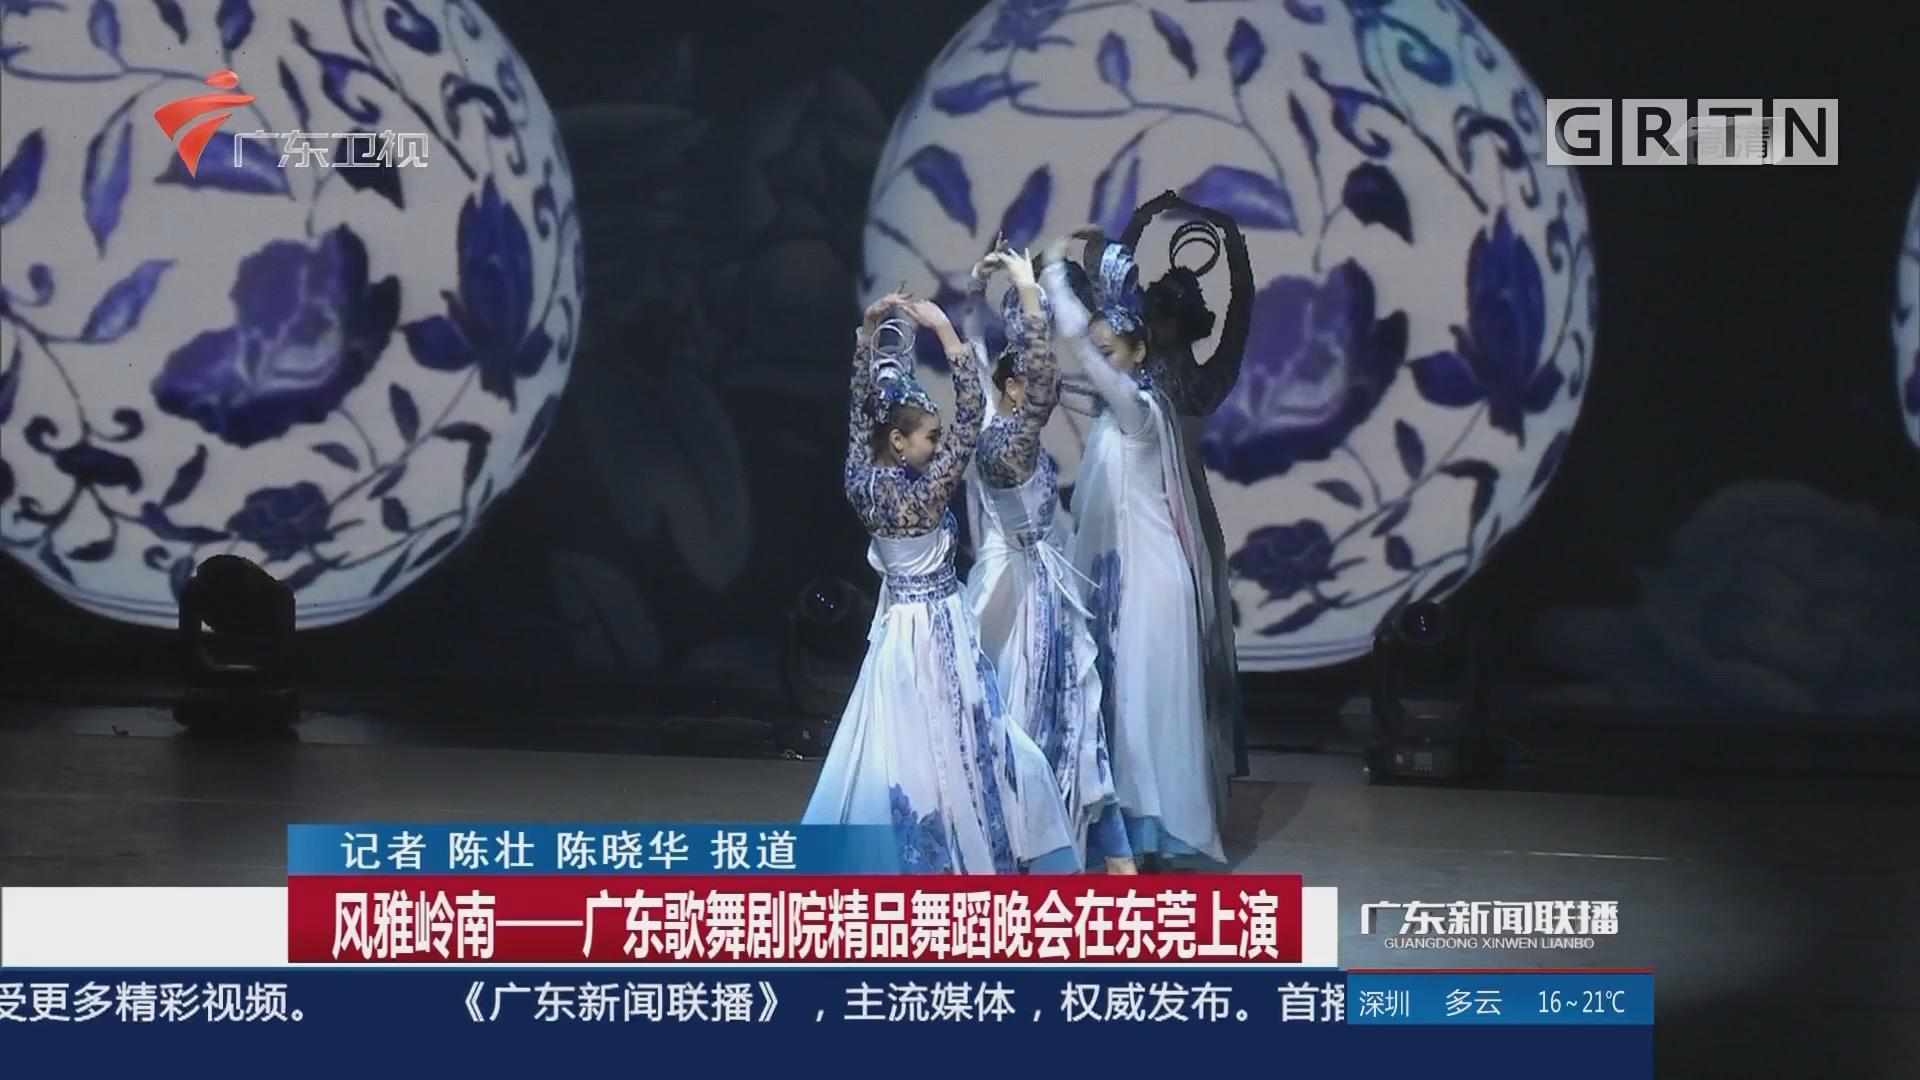 风雅岭南——广东歌舞剧院精品舞蹈晚会在东莞上演